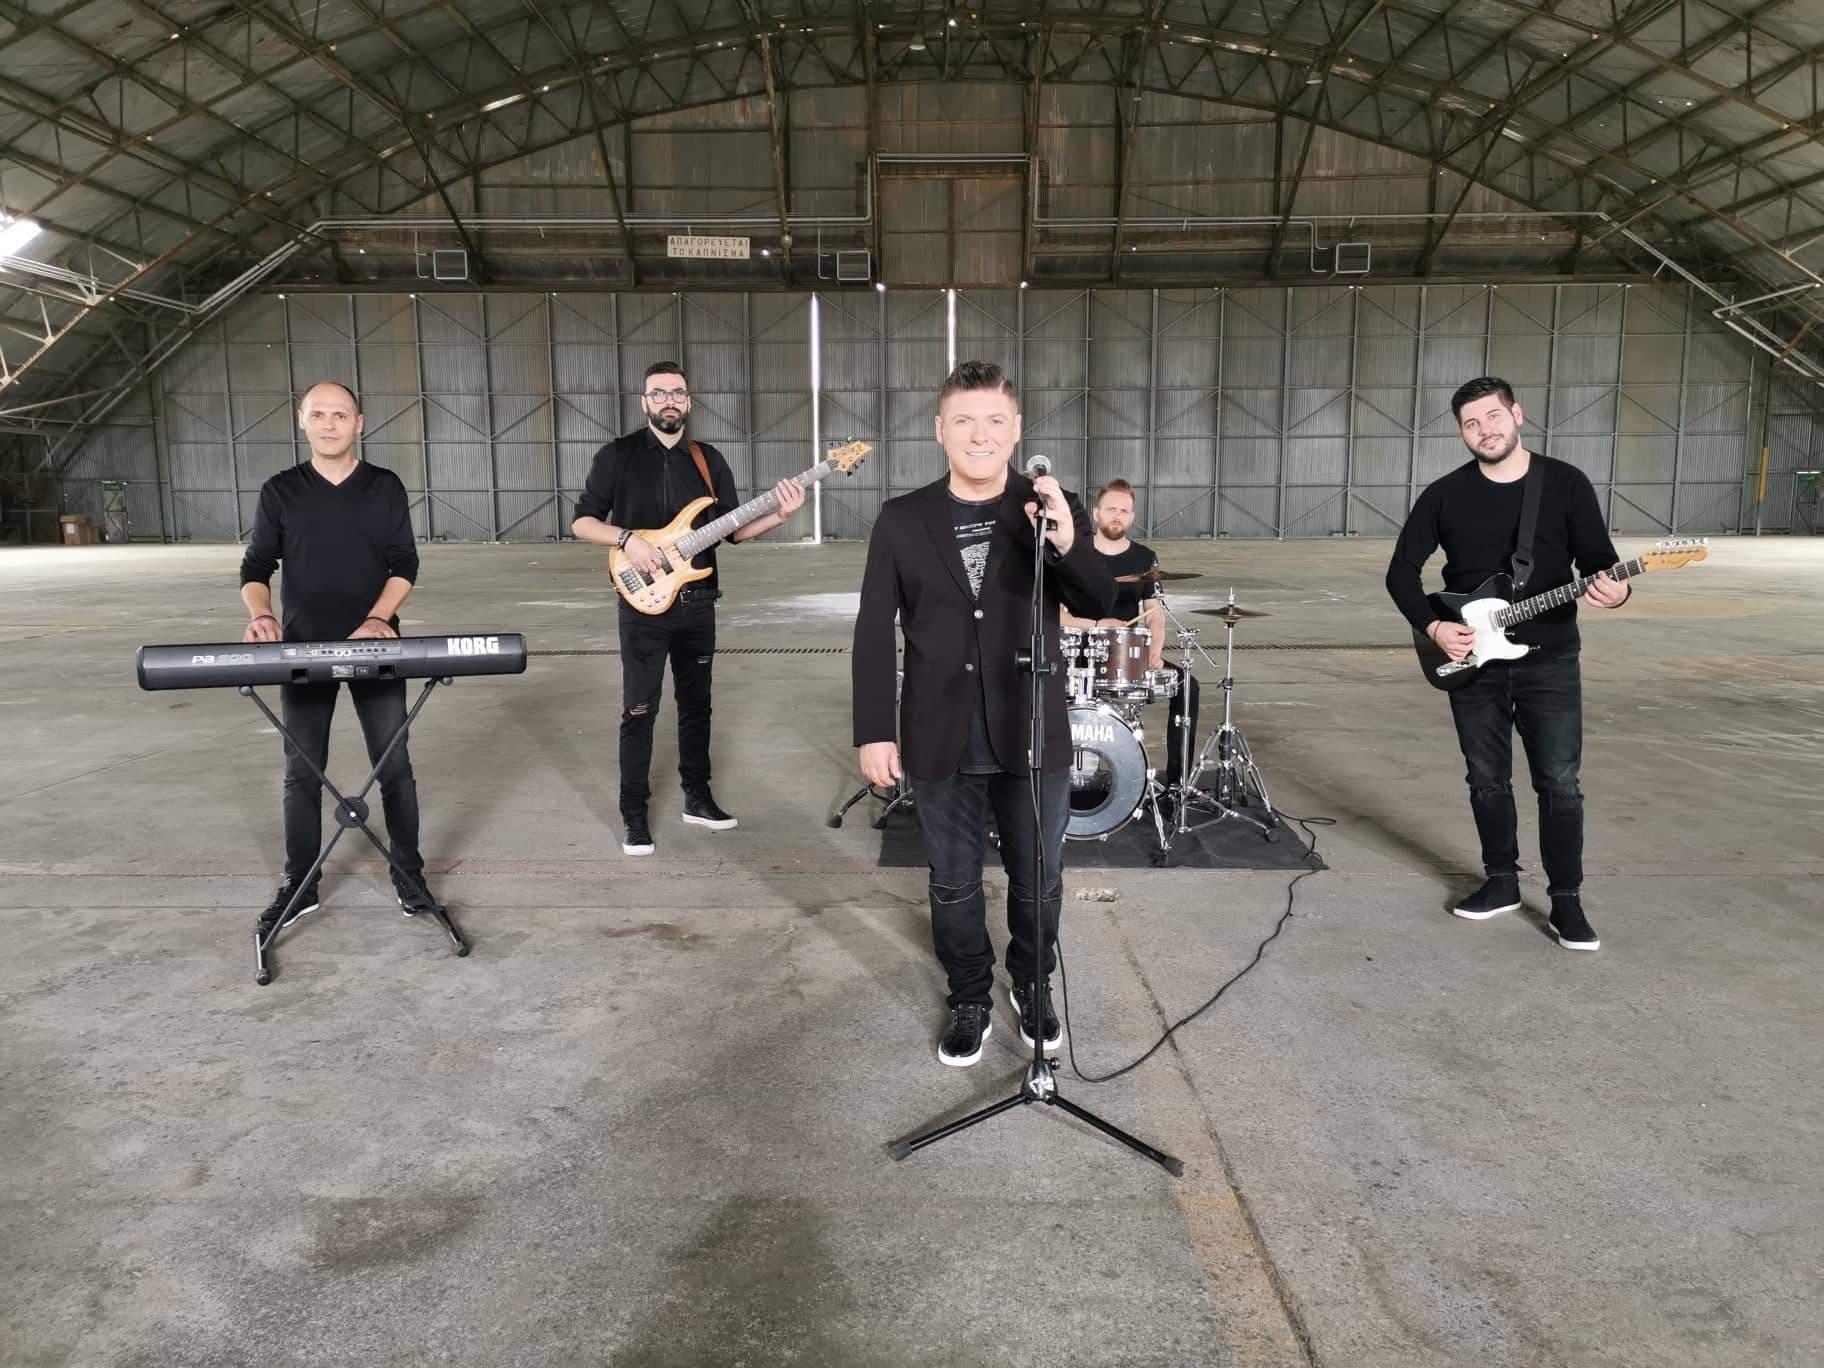 «Μου λείπεις»: Το νέο τραγούδι του Δημήτρη Γιώτη ξεπέρασε το 1 εκατ. προβολές στο Youtube σε ένα μήνα!